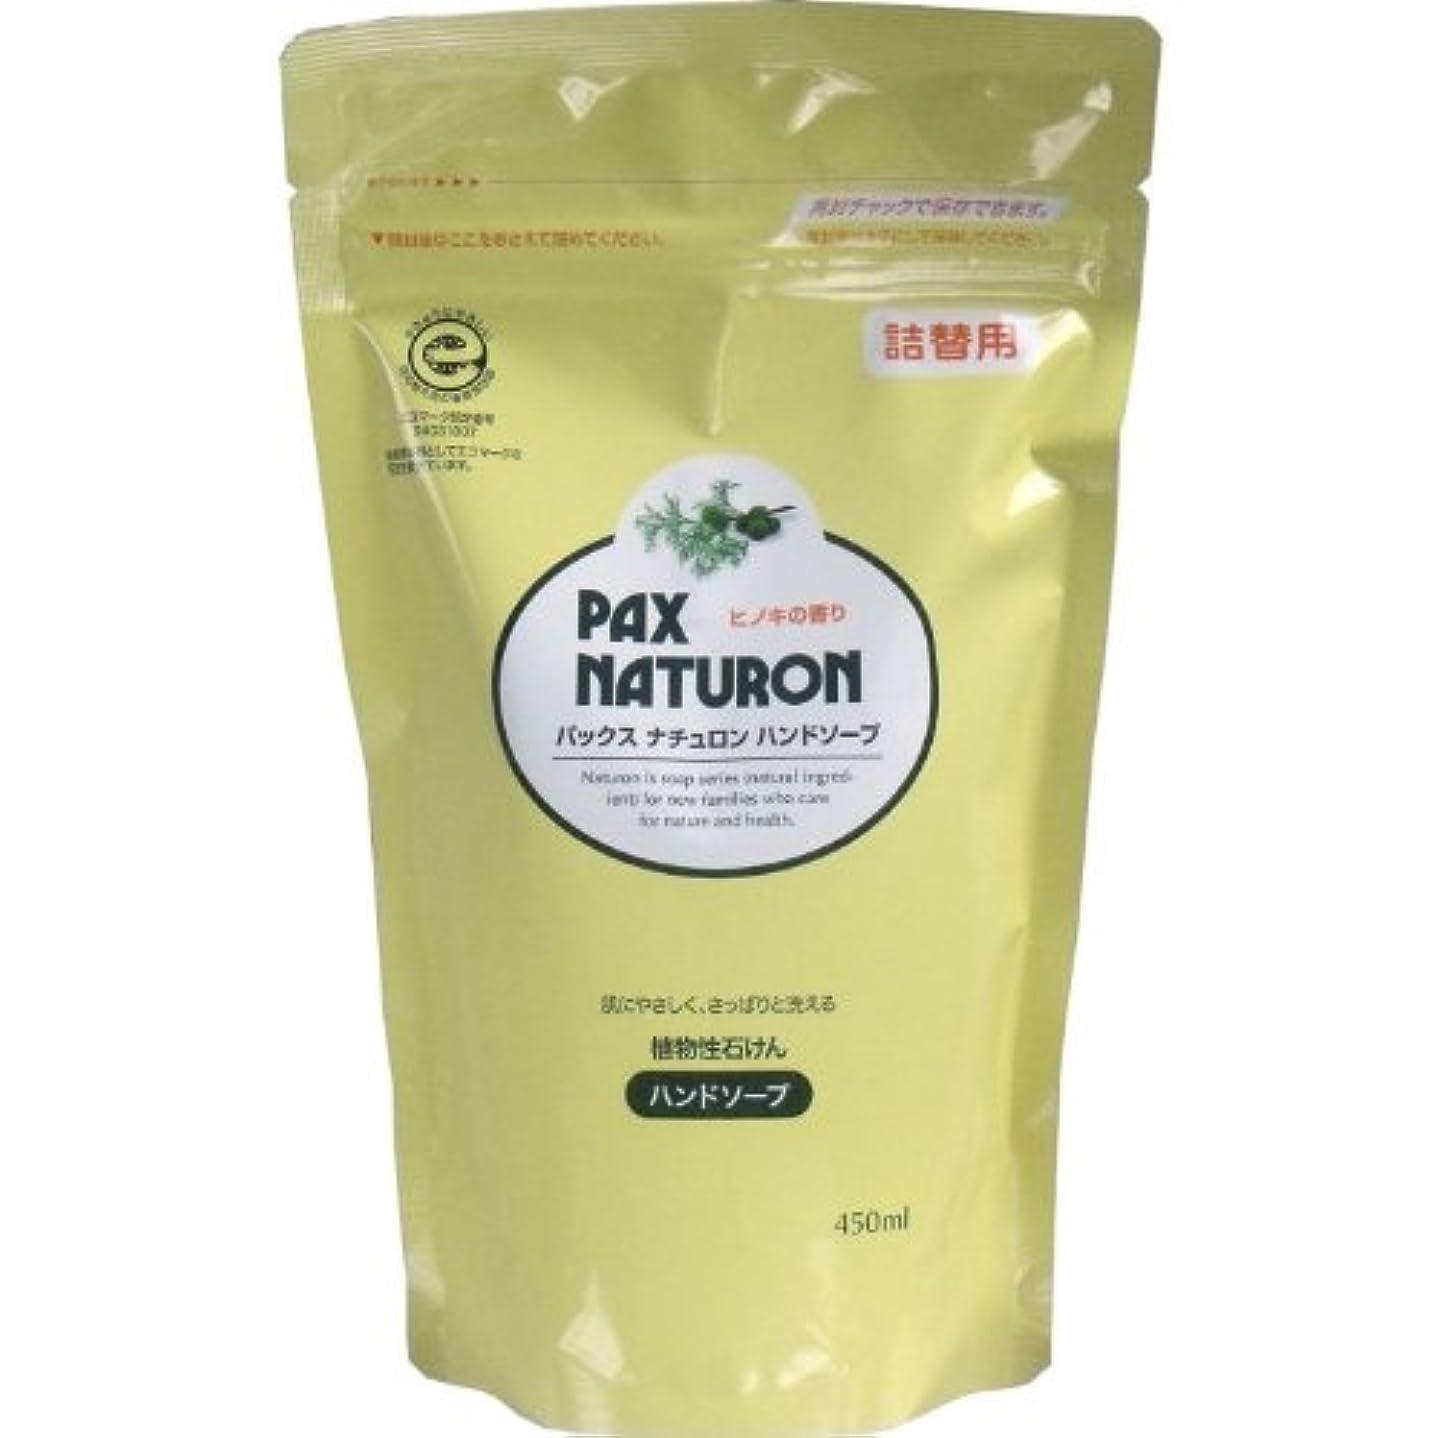 家事をする調整ストリーム肌にやさしく、さっぱりと洗える植物性石けん!植物性ハンドソープ 詰替用 450mL【4個セット】